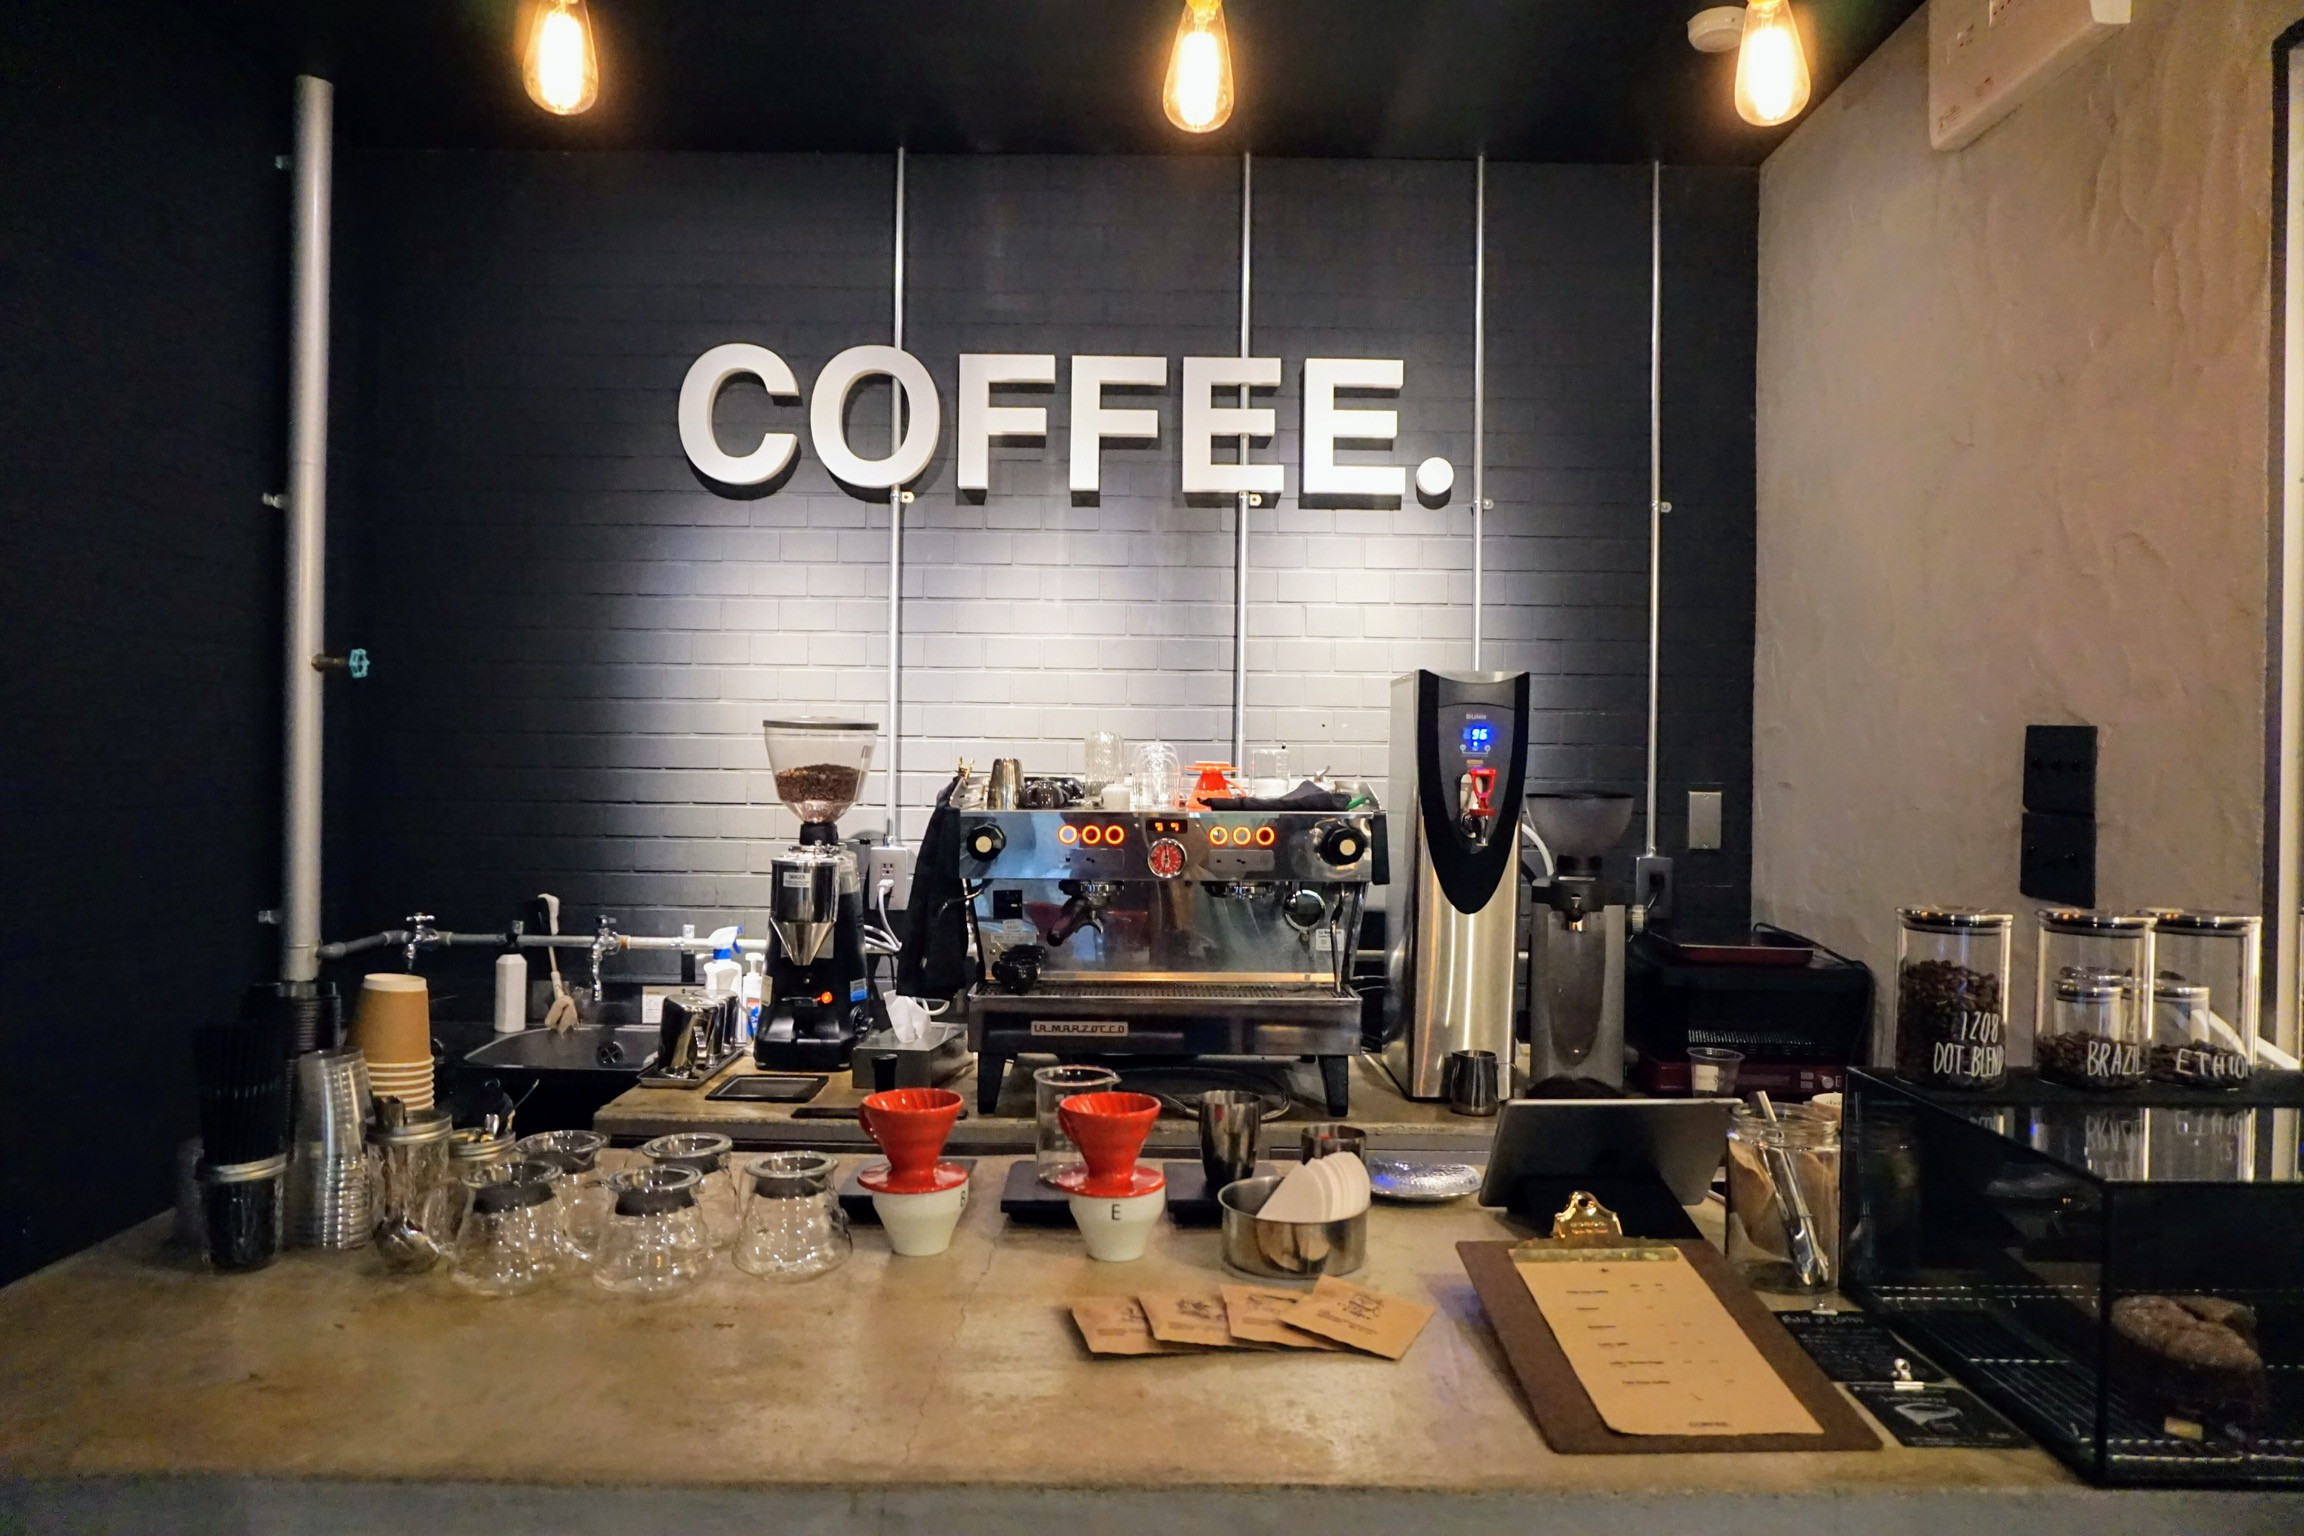 【コーヒードット】下通・フォトジェニックな看板が目印の自家焙煎コーヒースタンド